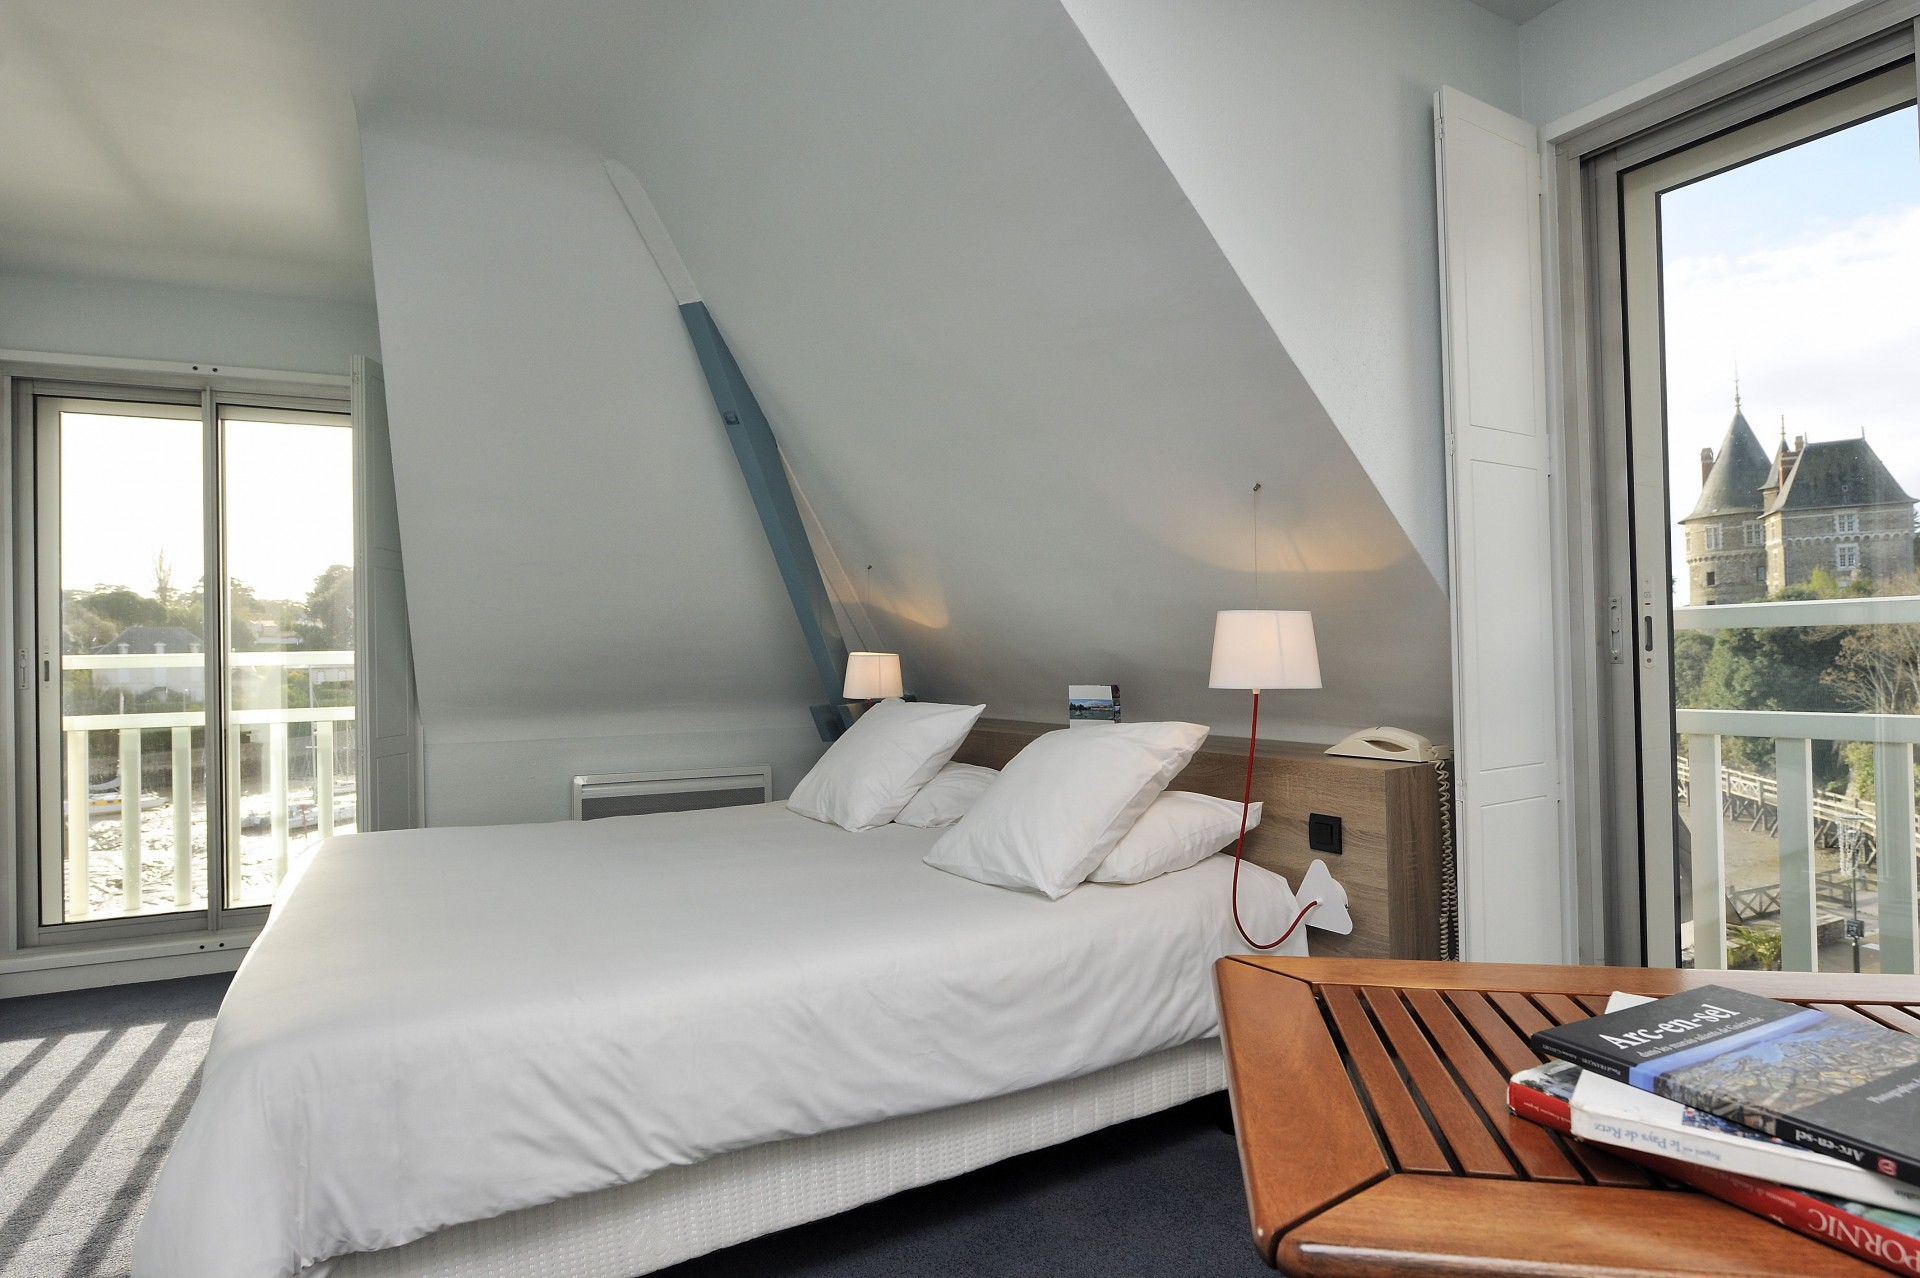 Chambre, pornic hotel, hotel Beau soleil, vieux port, vue mer, centre ville